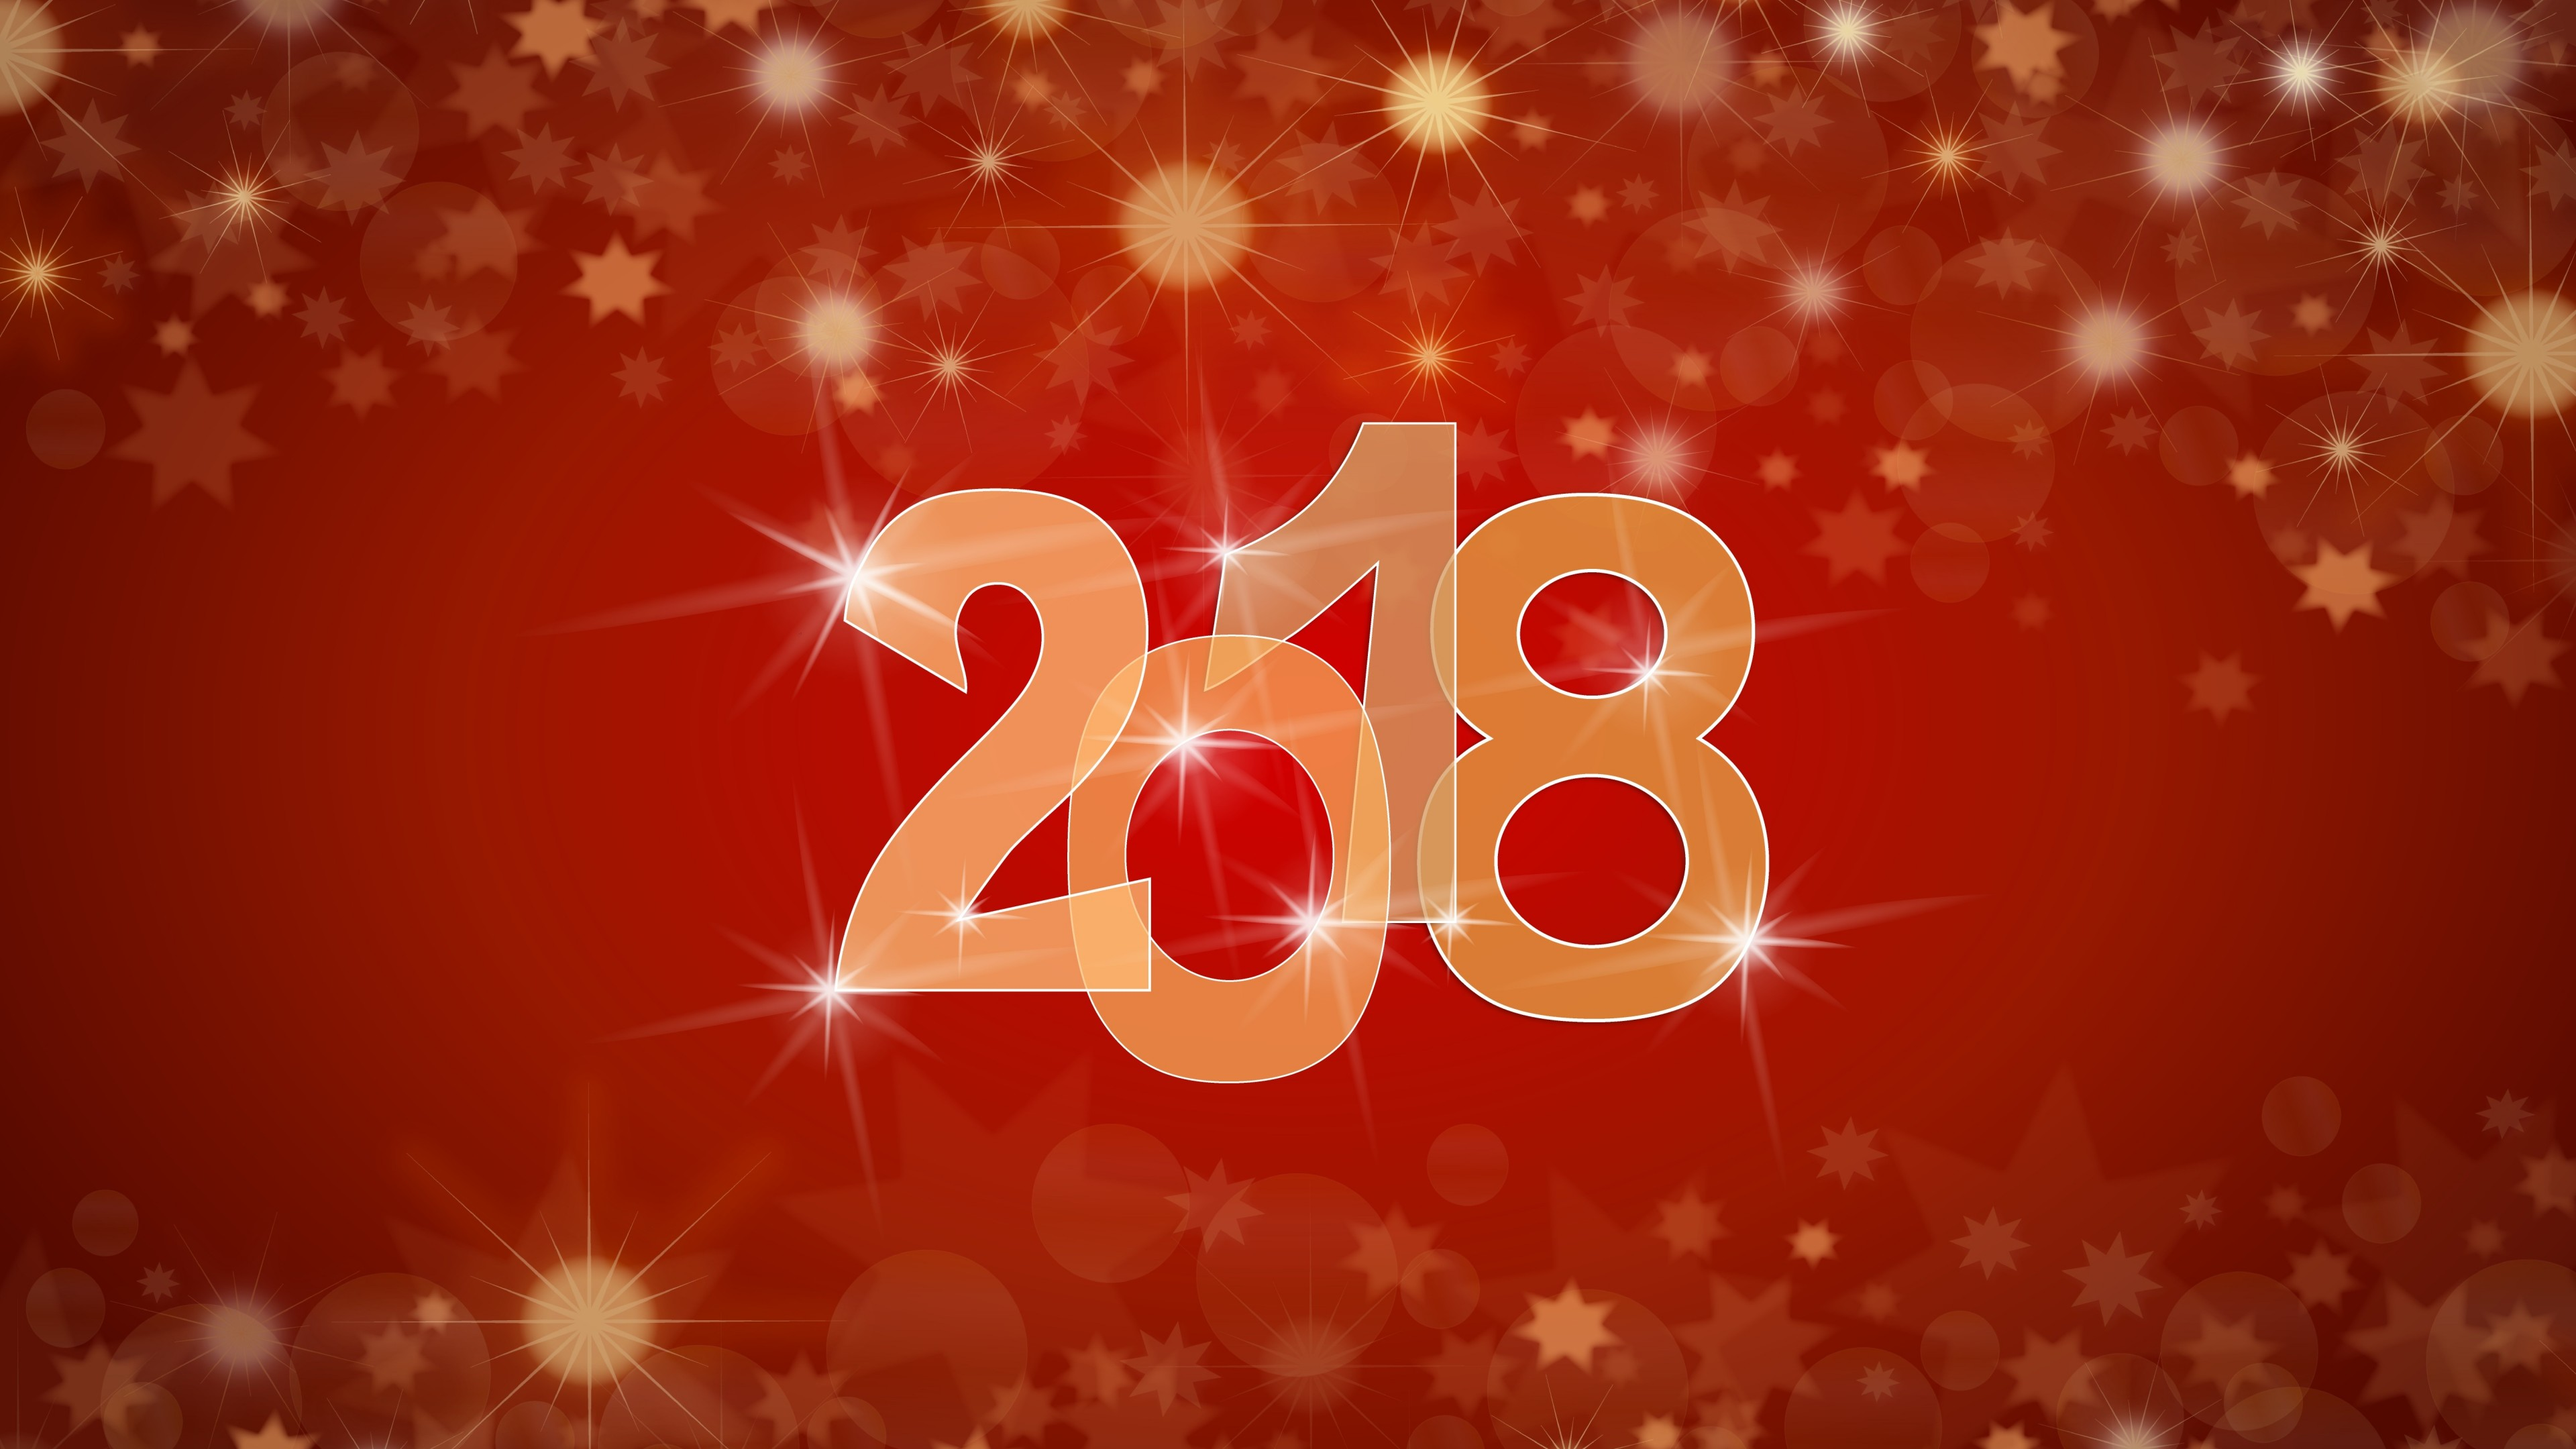 Новогодняя открытка с сияющими снежинками,звездочками и блестящими цифрами 2018